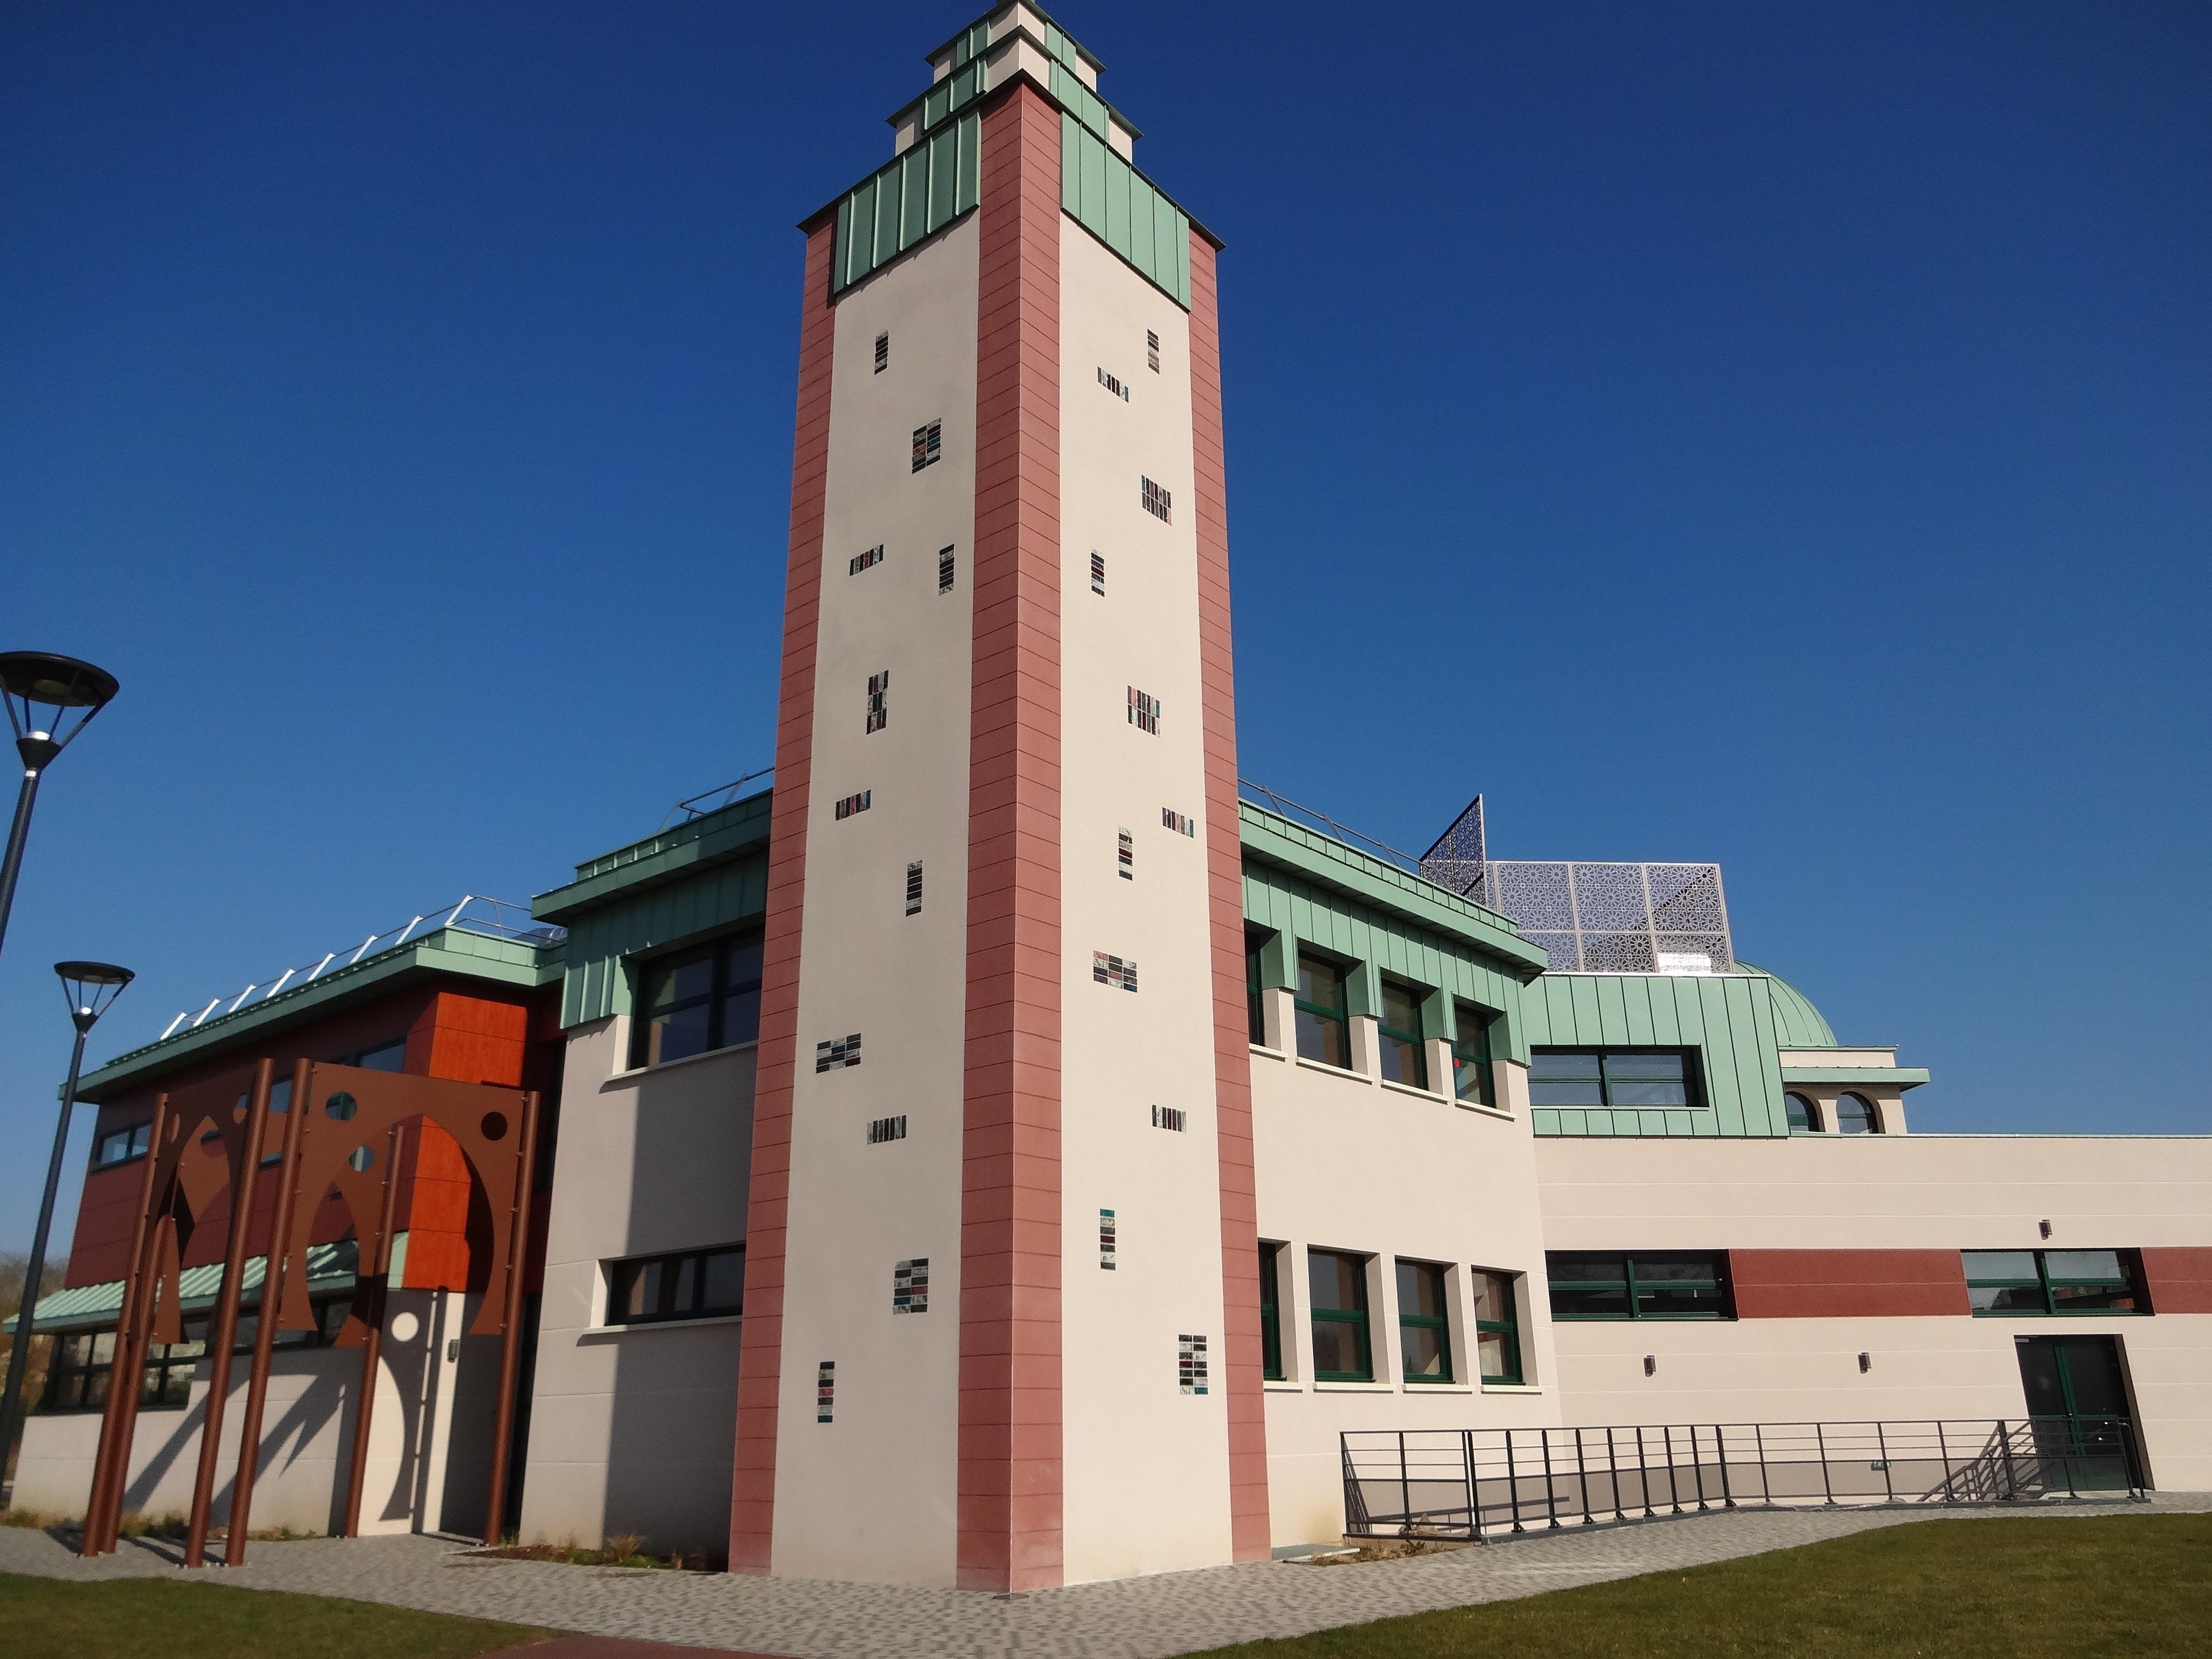 Le minaret2